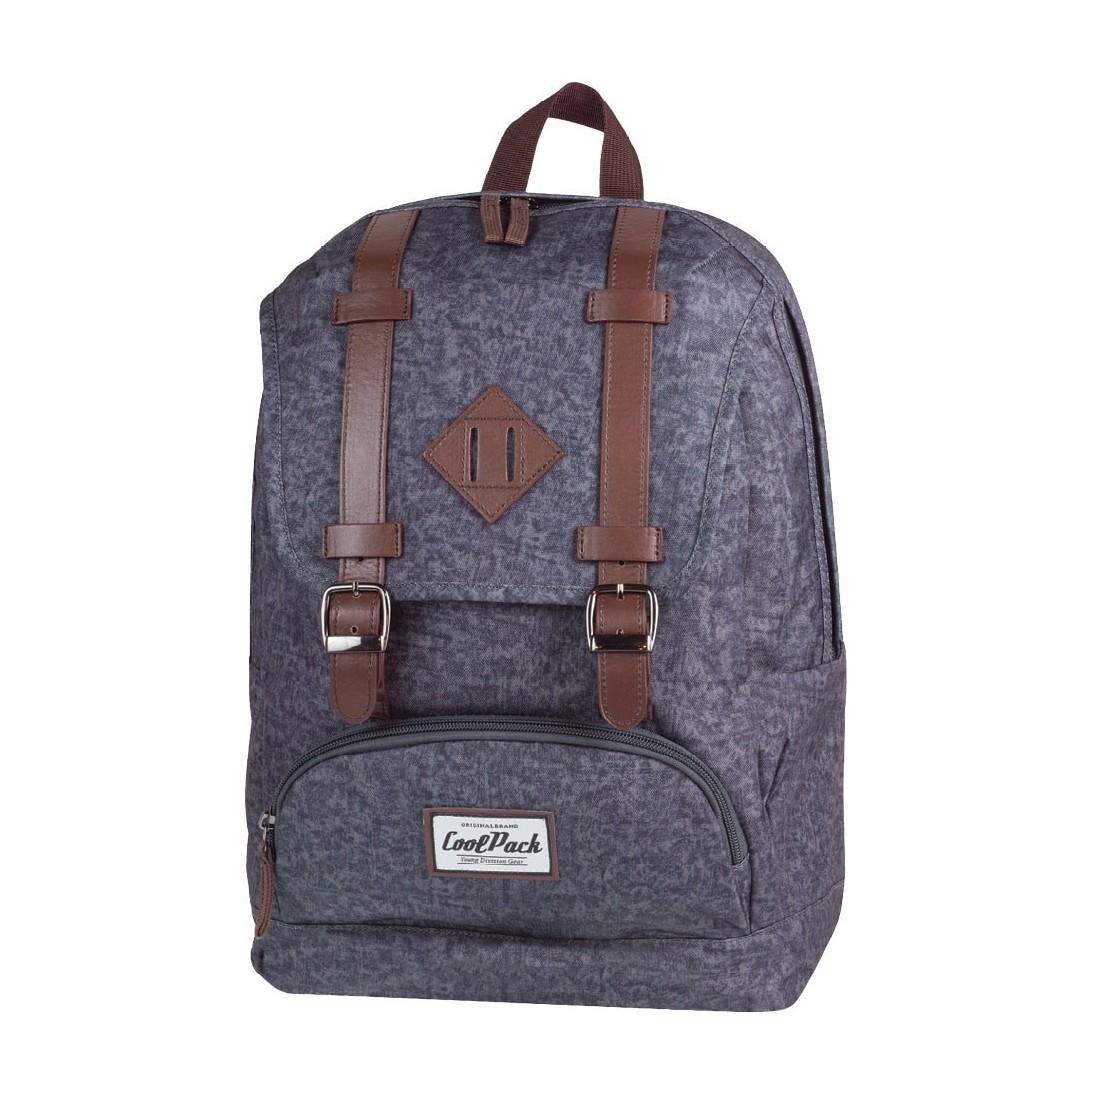 6b9d55b098588 Miejski plecak CoolPack vintage City 1021 Grey dla dziewczyny ...